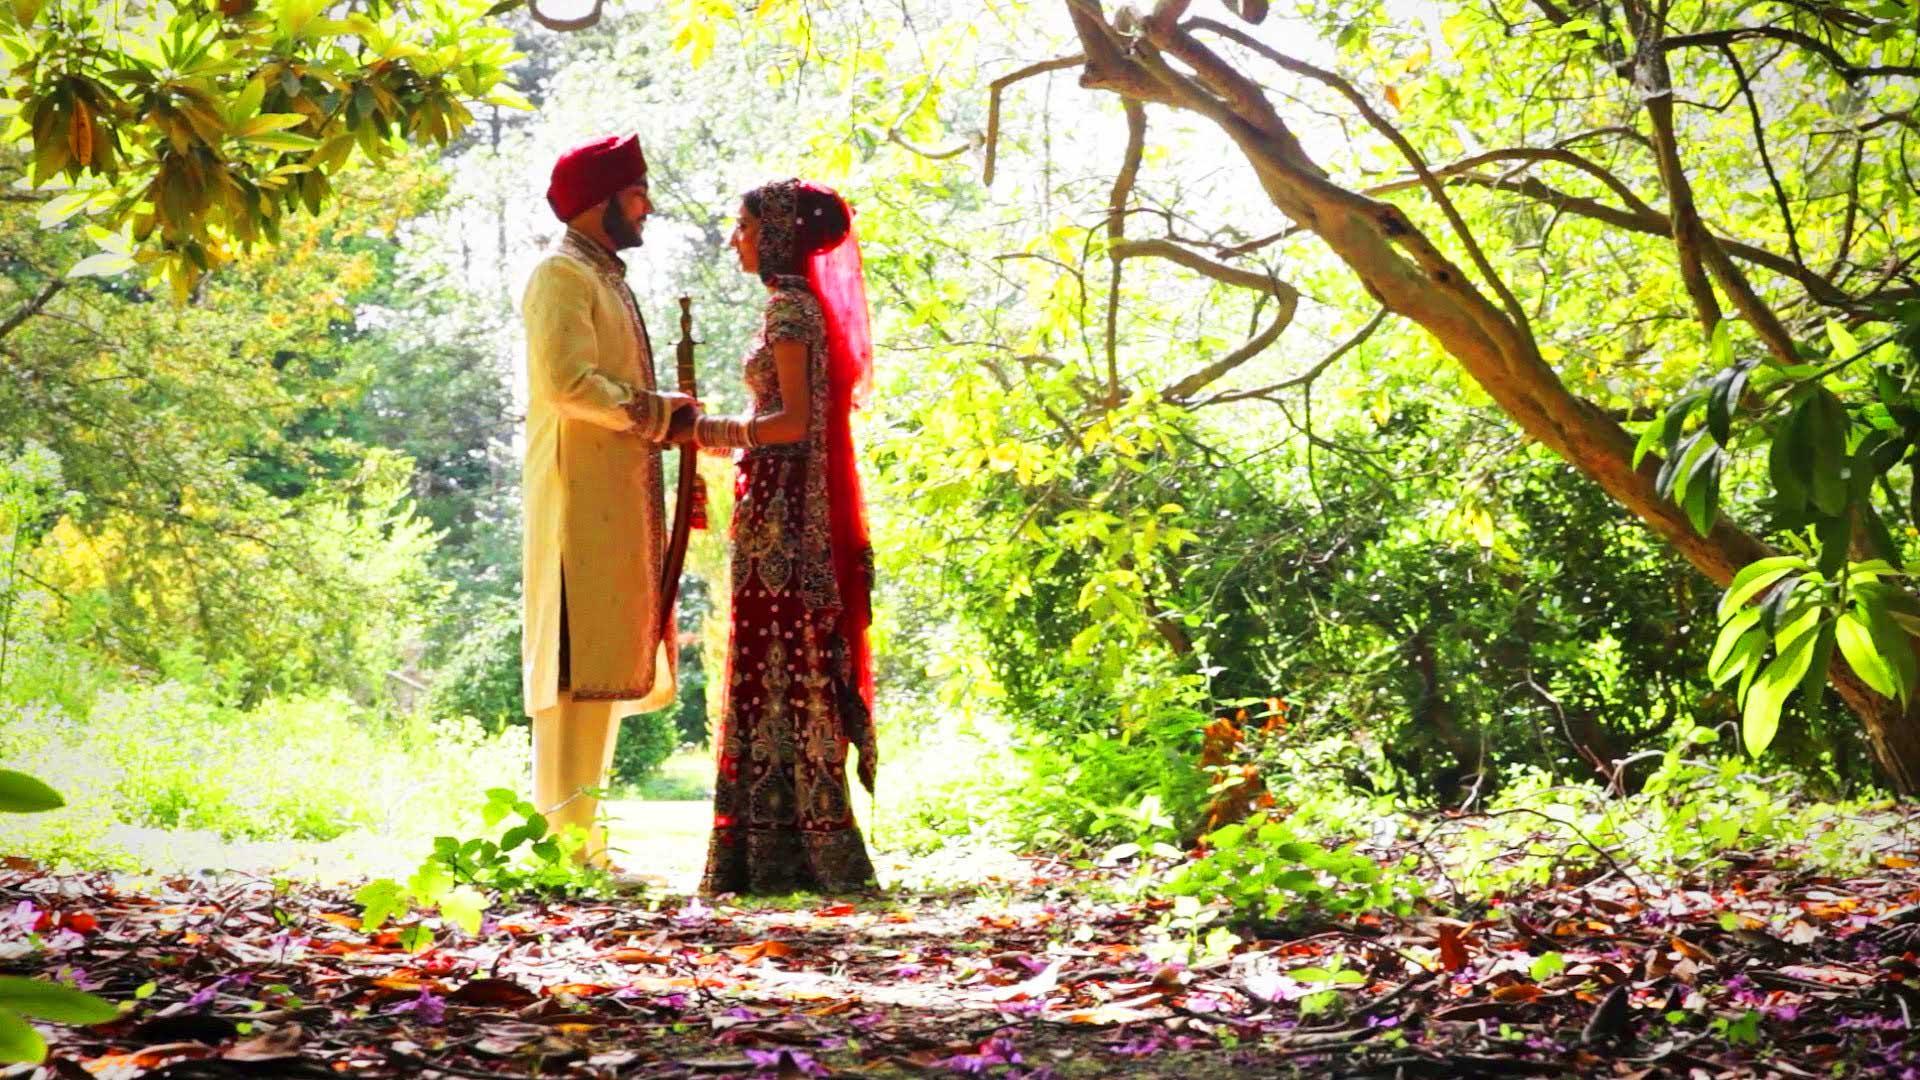 Punjabi Love Couple Images Full Screen 1920x1080 Download Hd Wallpaper Wallpapertip